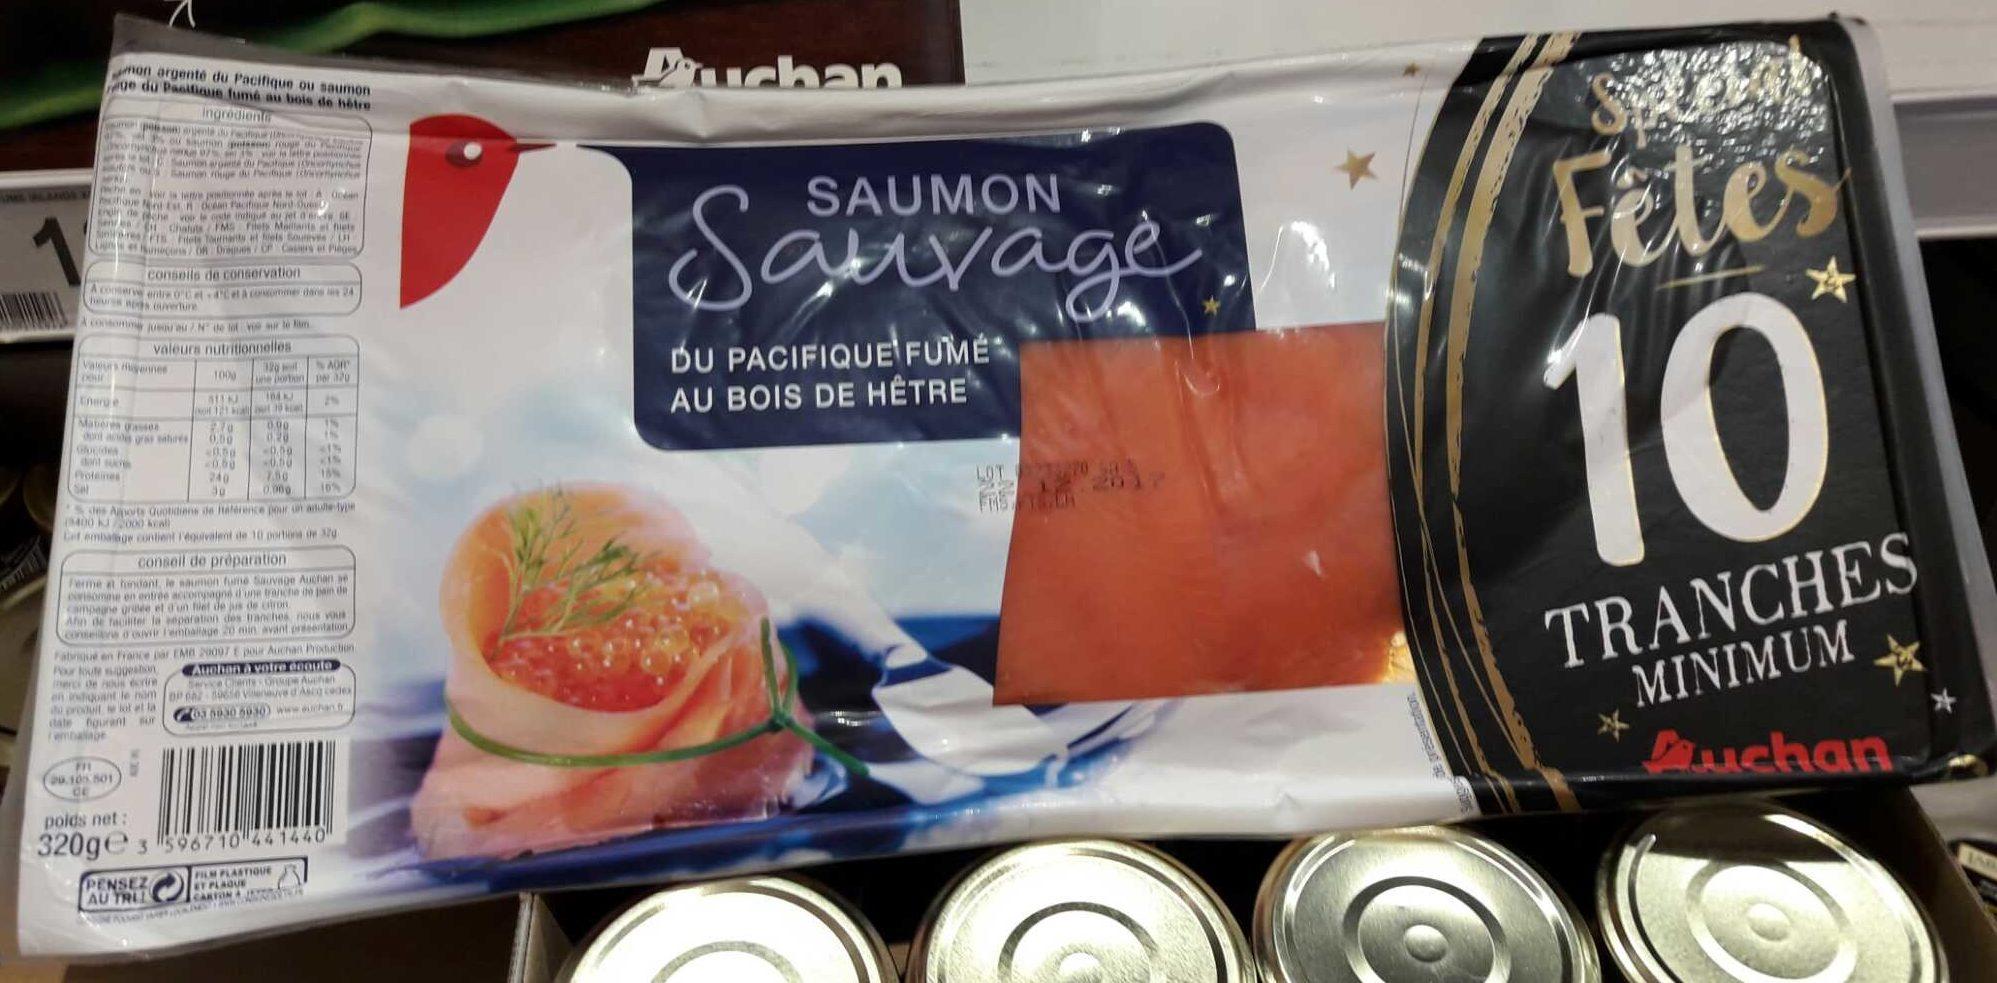 Saumon Sauvage du Pacifique Fumé au Bois de Hêtre - Product - fr